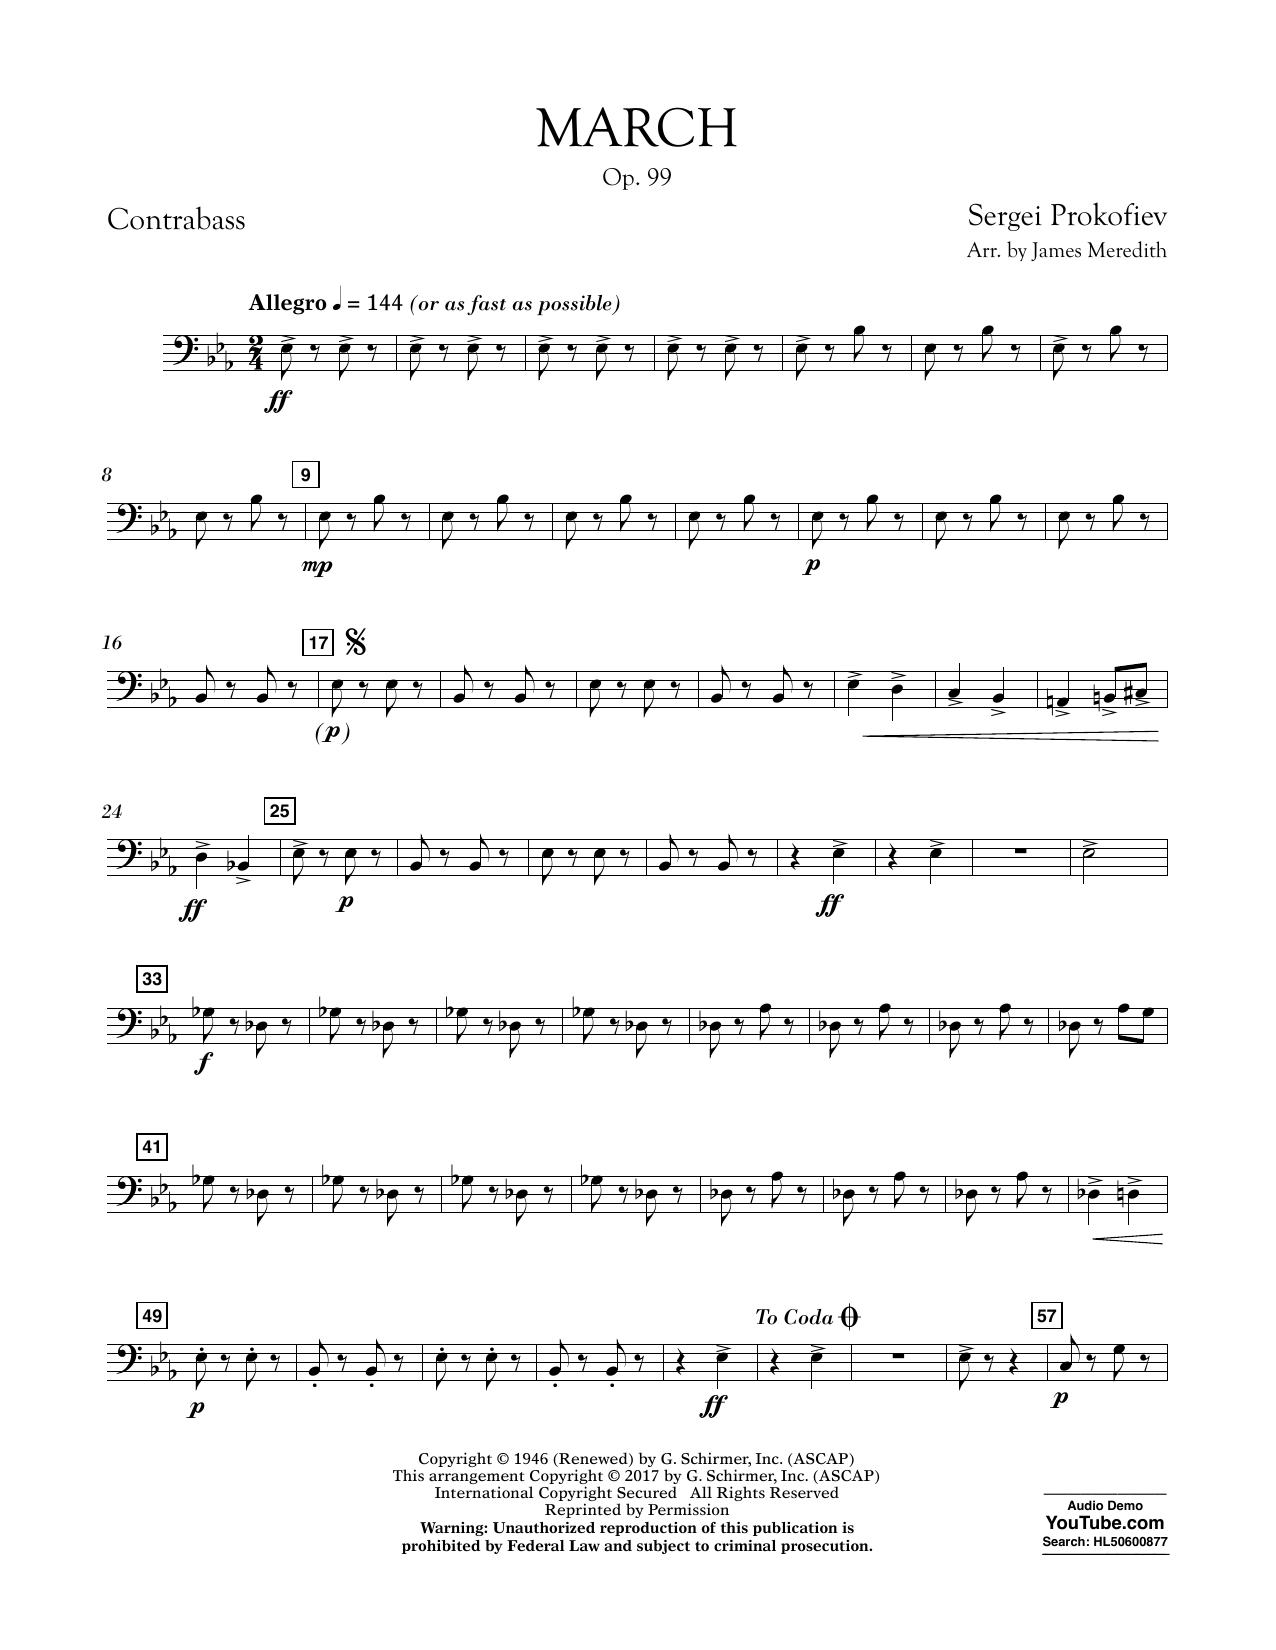 March, Op. 99 - Contrabass Sheet Music